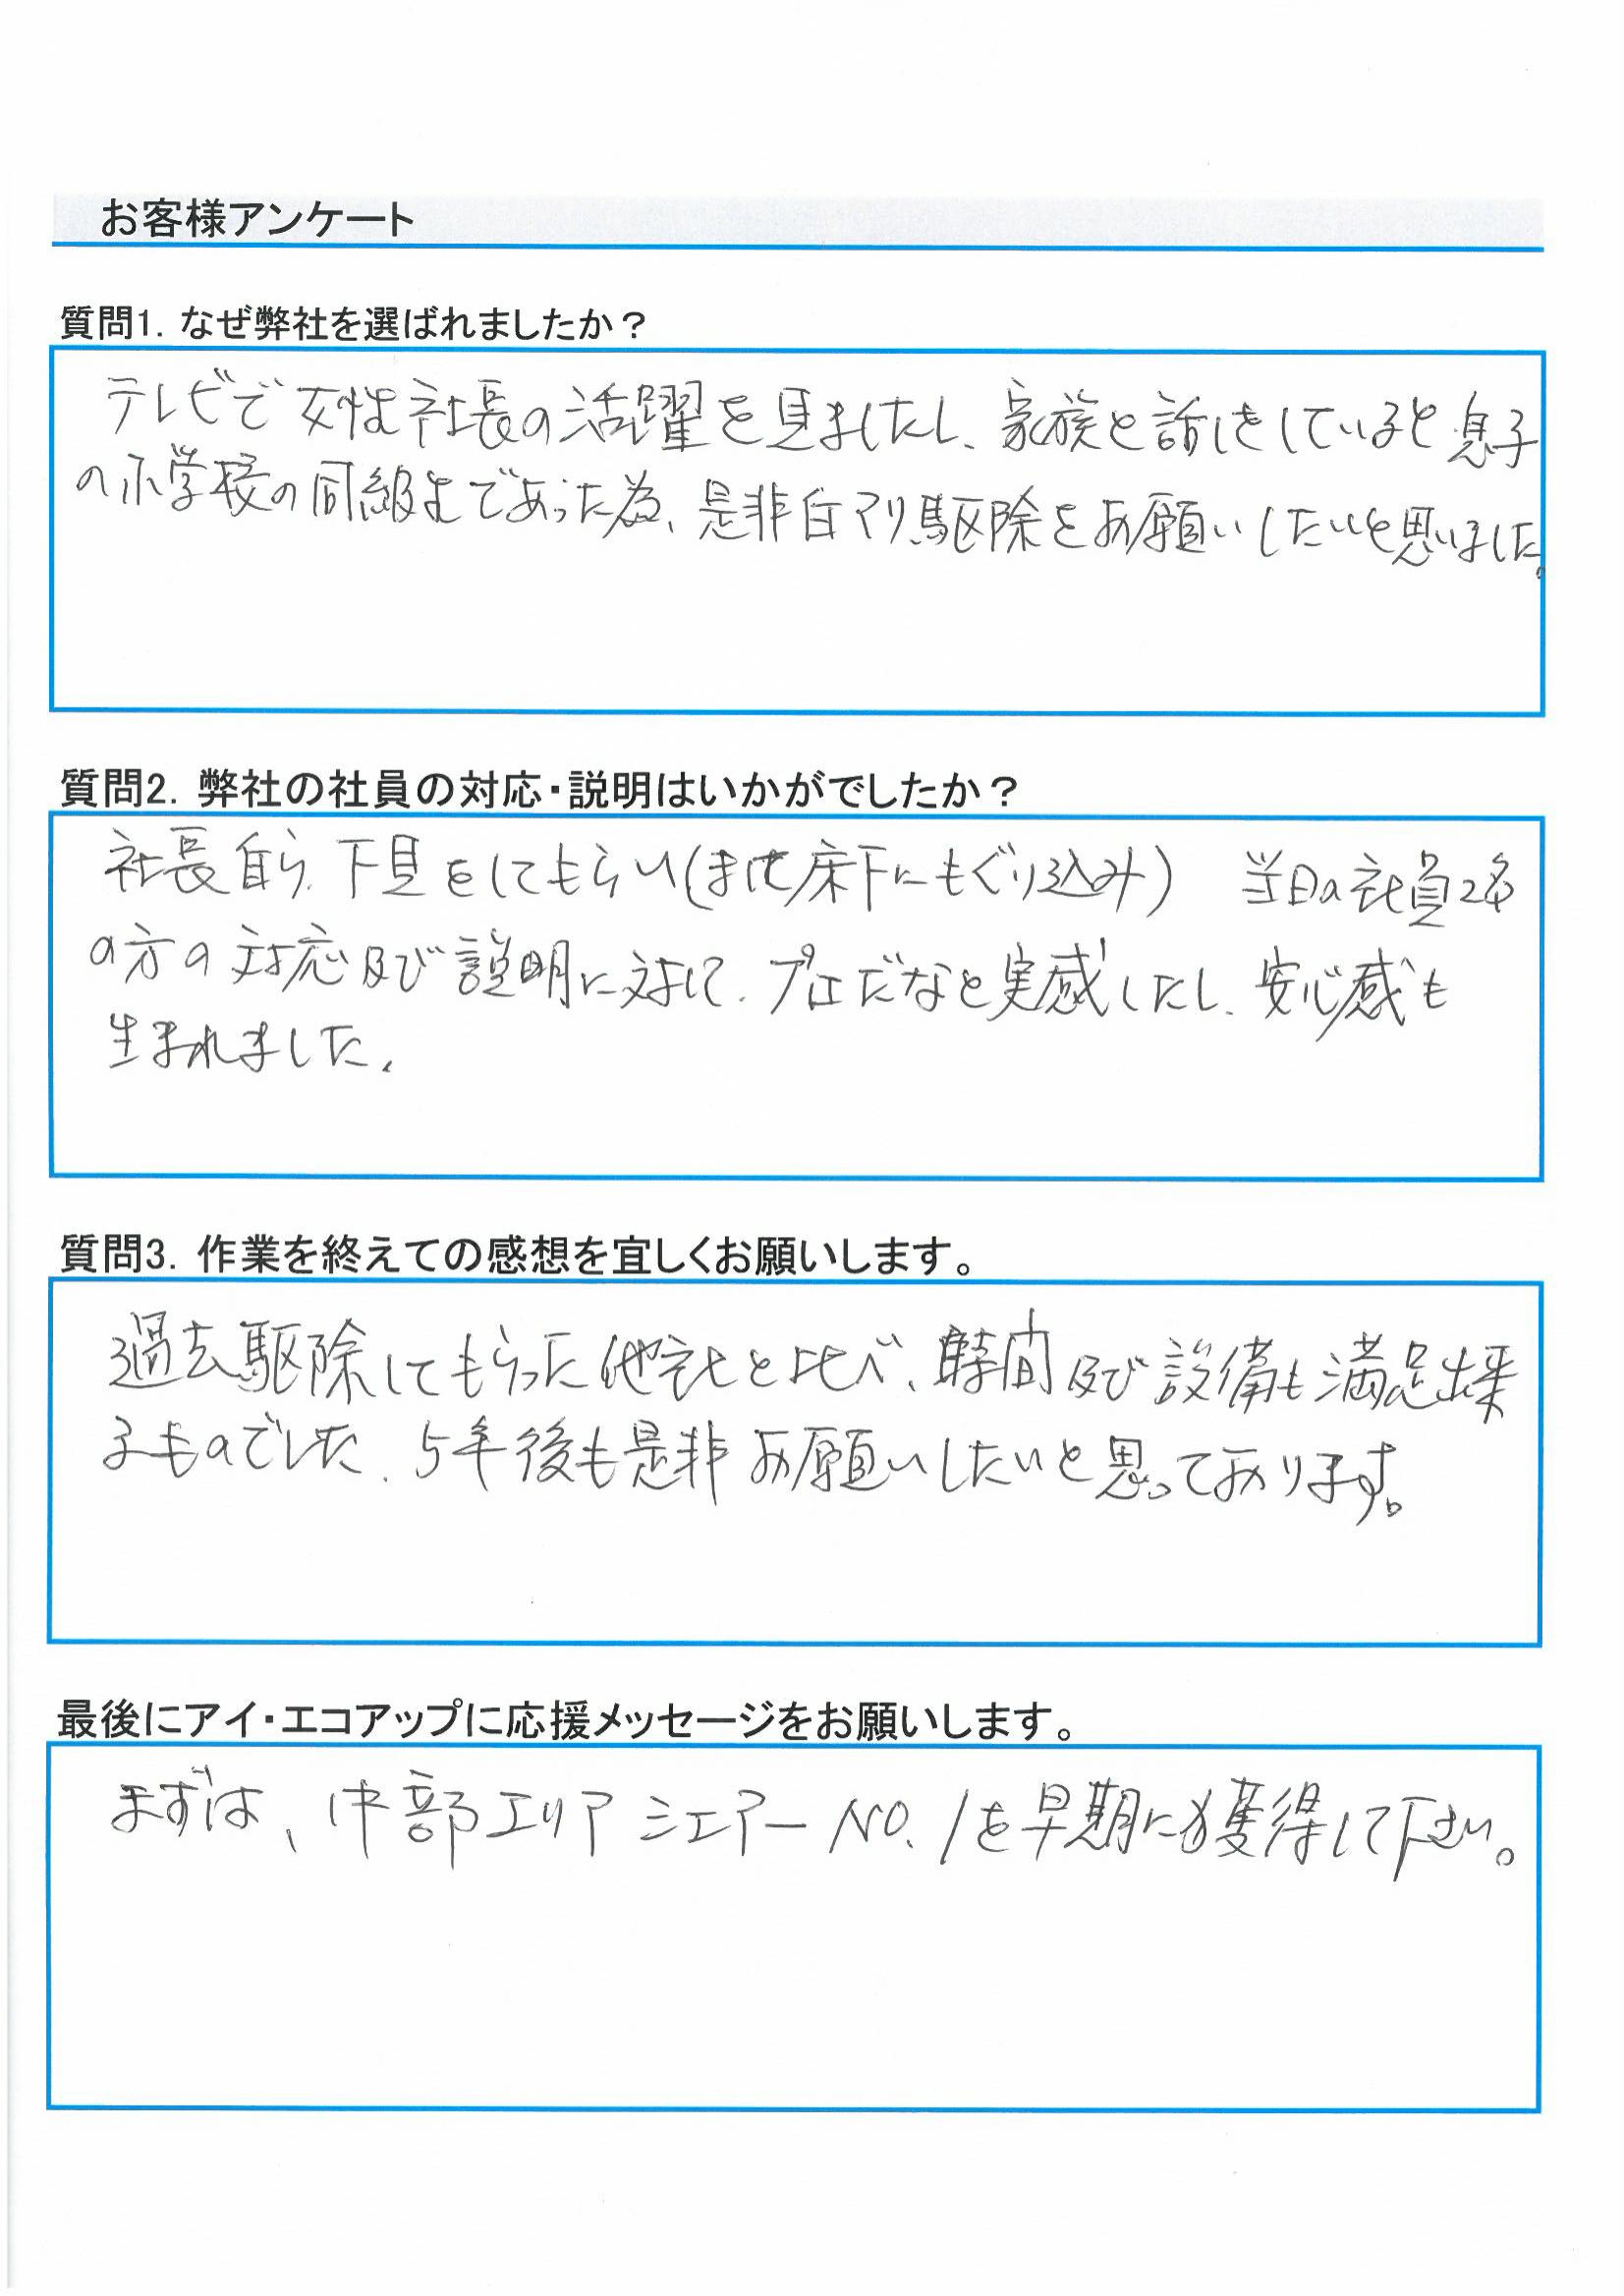 interview2-2